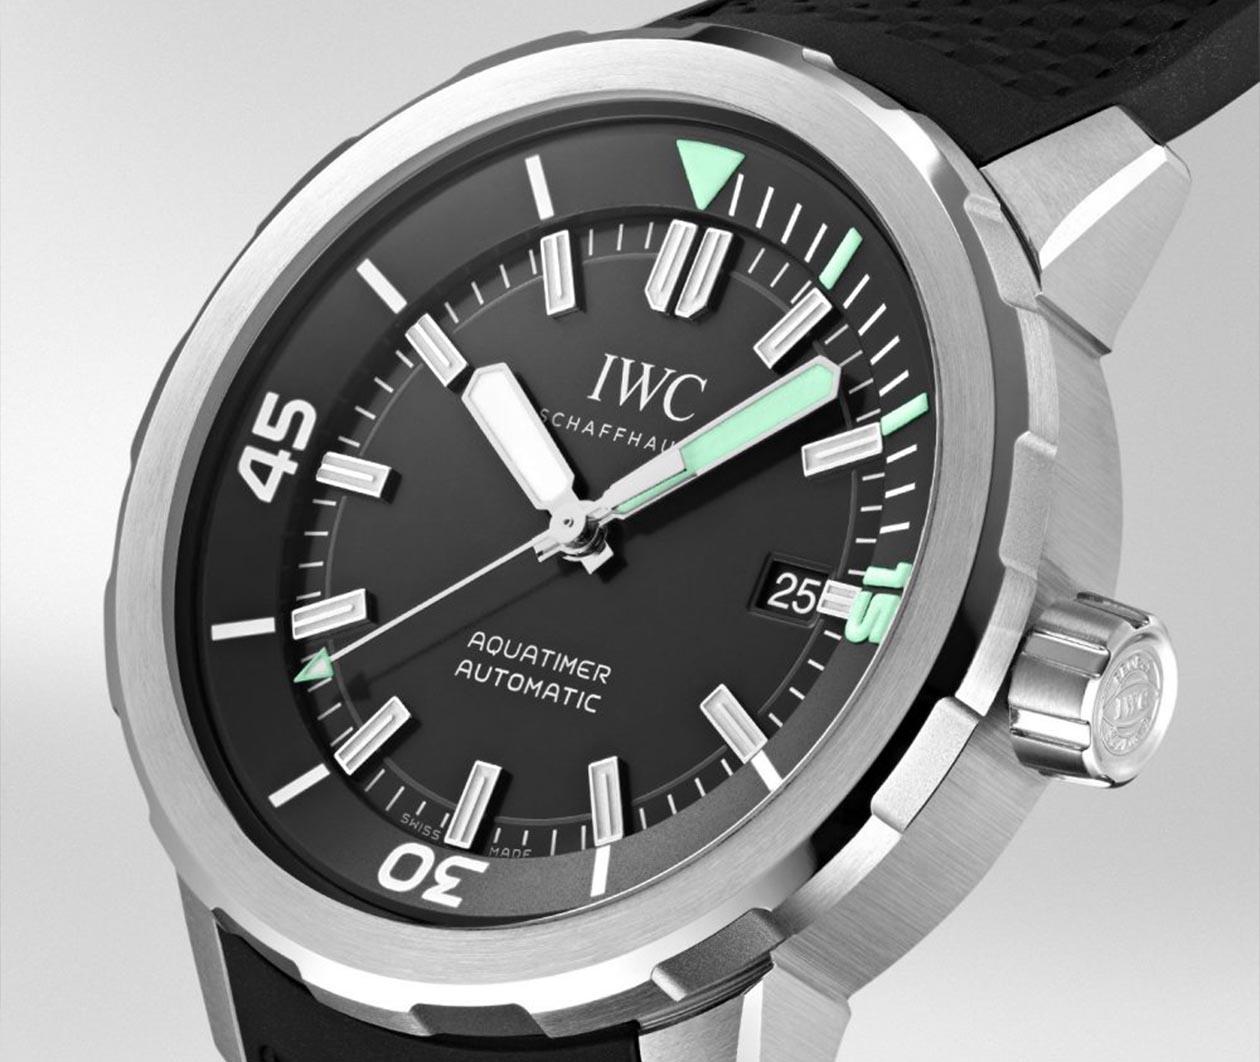 IWC Aquatimer Automatic IW329001 Carousel 3 FINAL